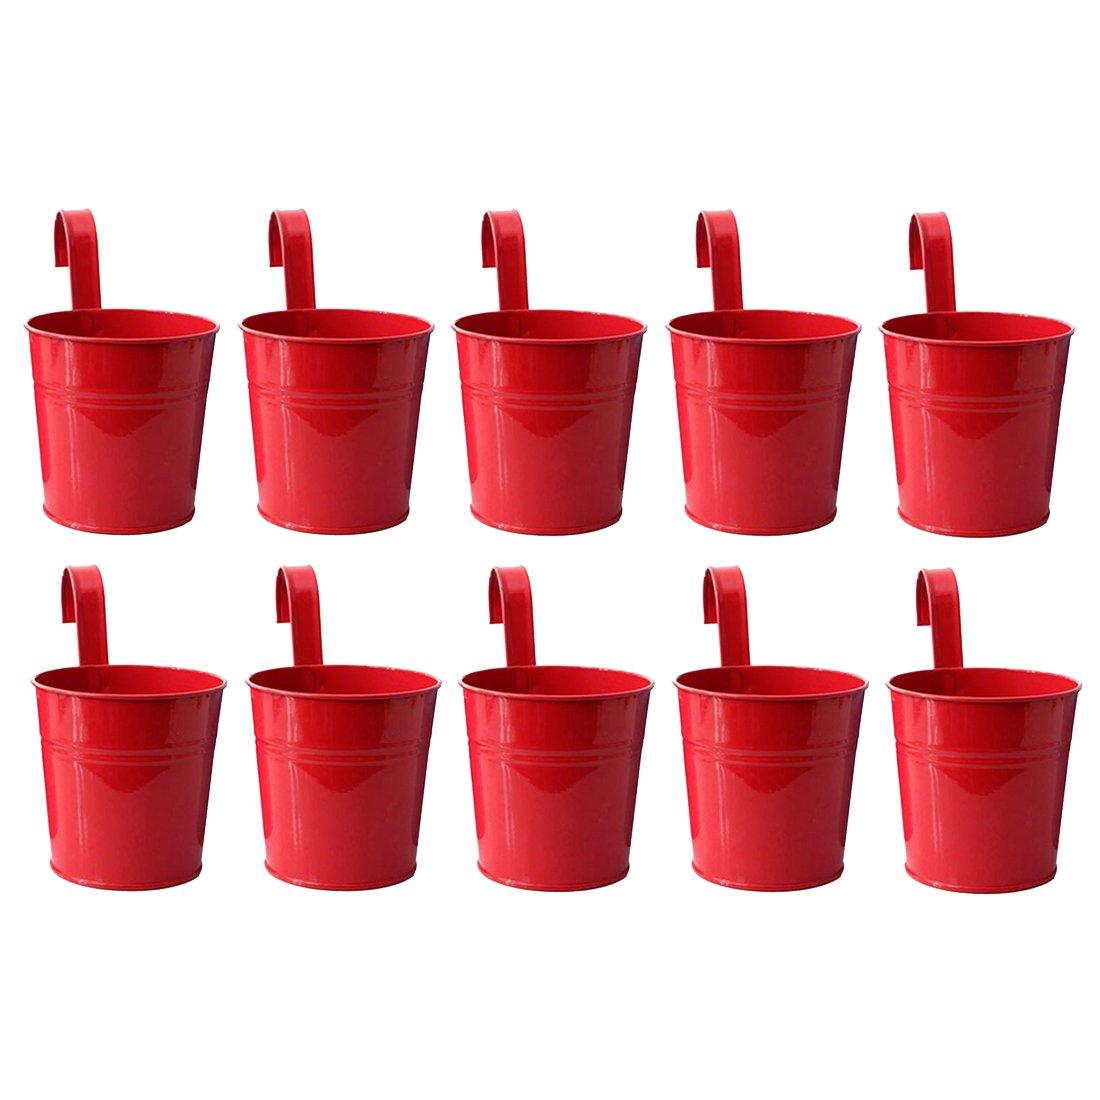 Foxom 10 Pezzi Vasi di Fiori in Ferro Vasi Appesi Fioriere con Gancio per Balcone Giardino, 10 x 8,2 x 10 cm, Blu